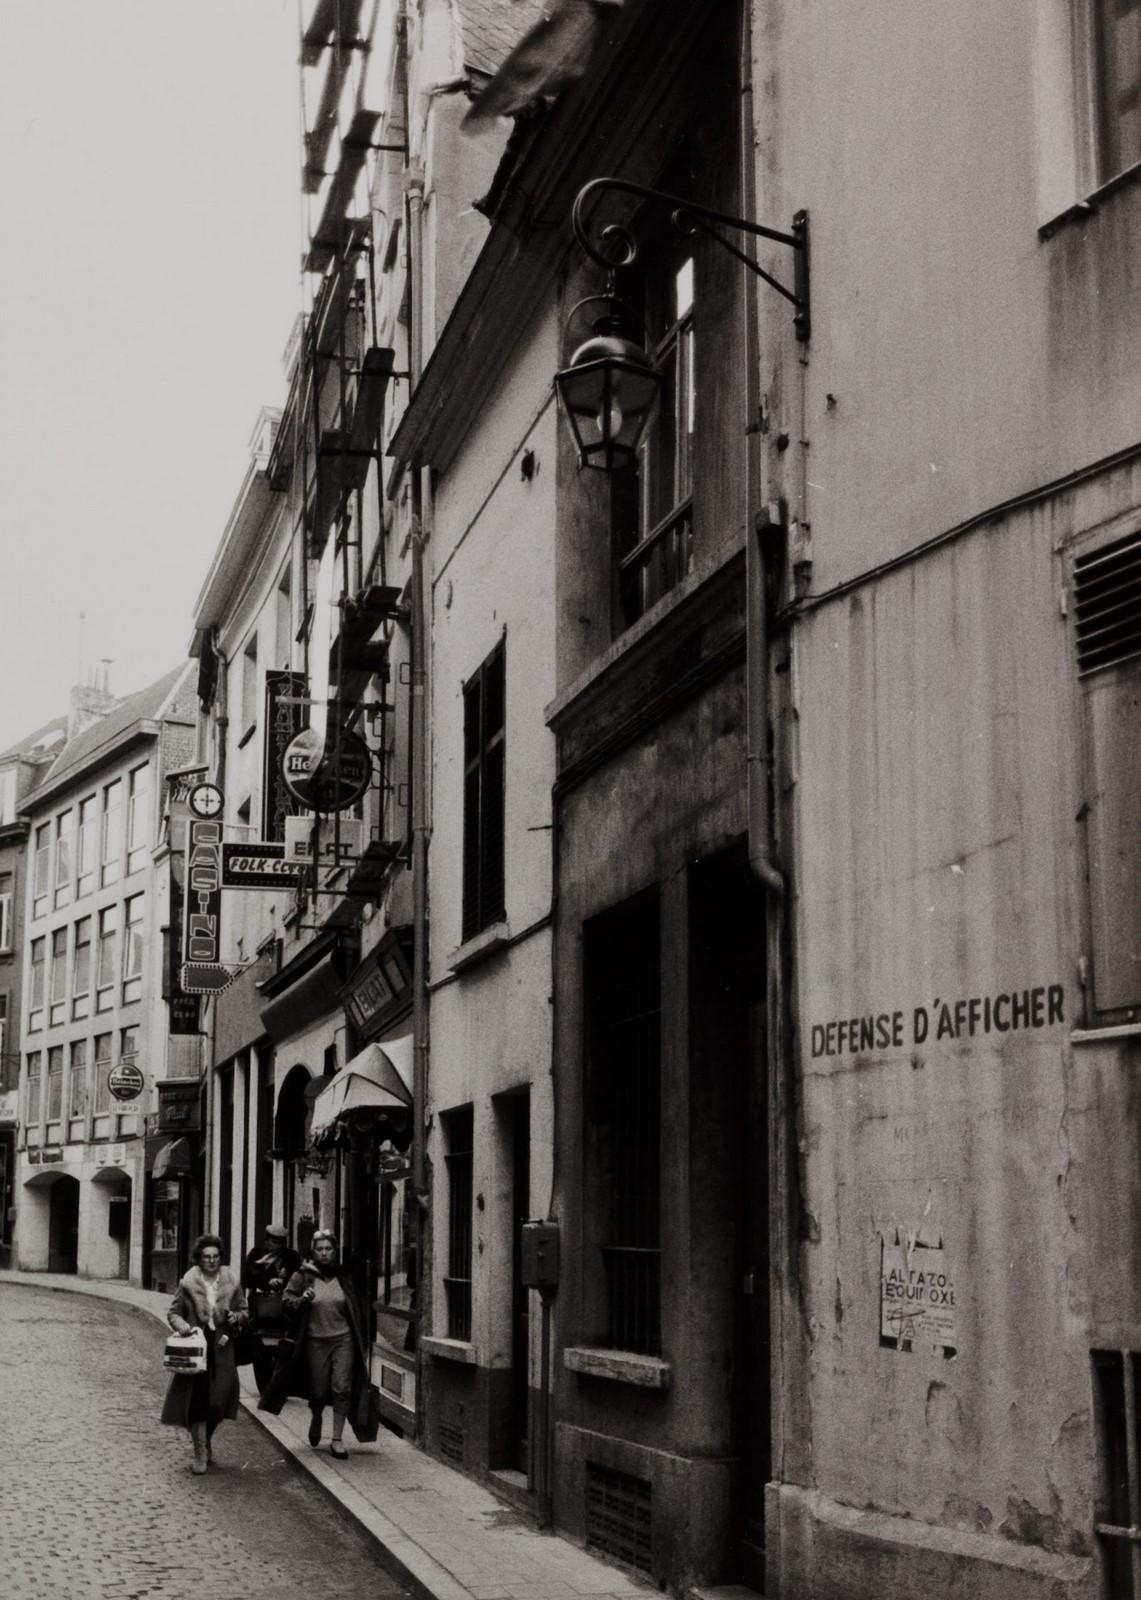 rue de la Fourche 1, 3, 5, 7 et rue du Marché aux Herbes 22, 24. Ensemble de maisons traditionnelles.